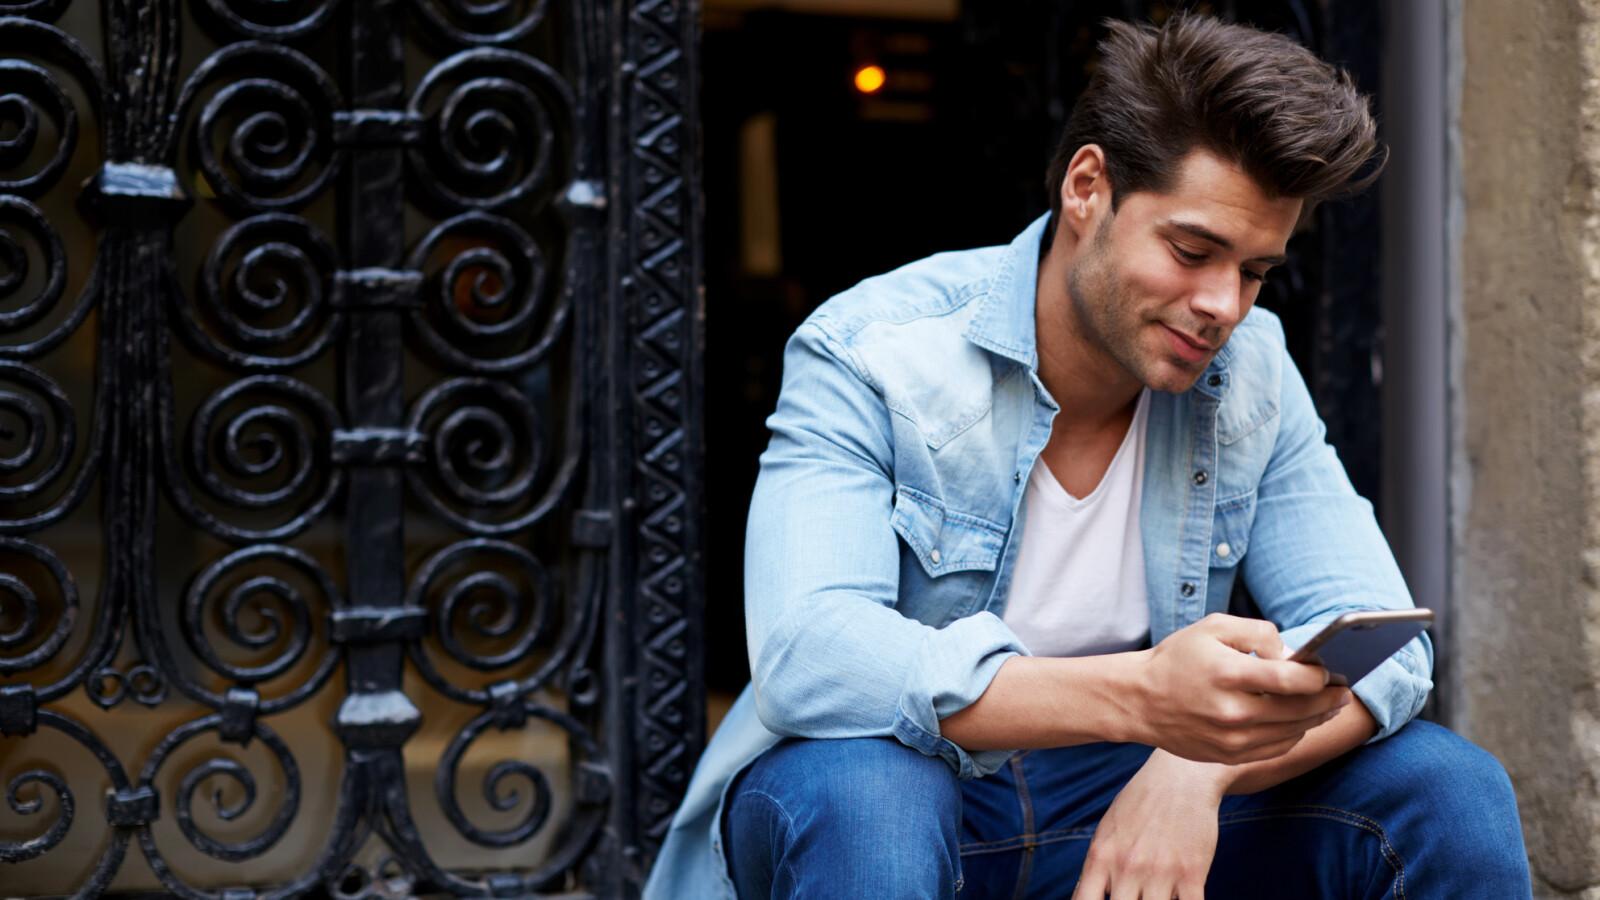 Tinder: Ideen für die erste Tinder-Nachricht